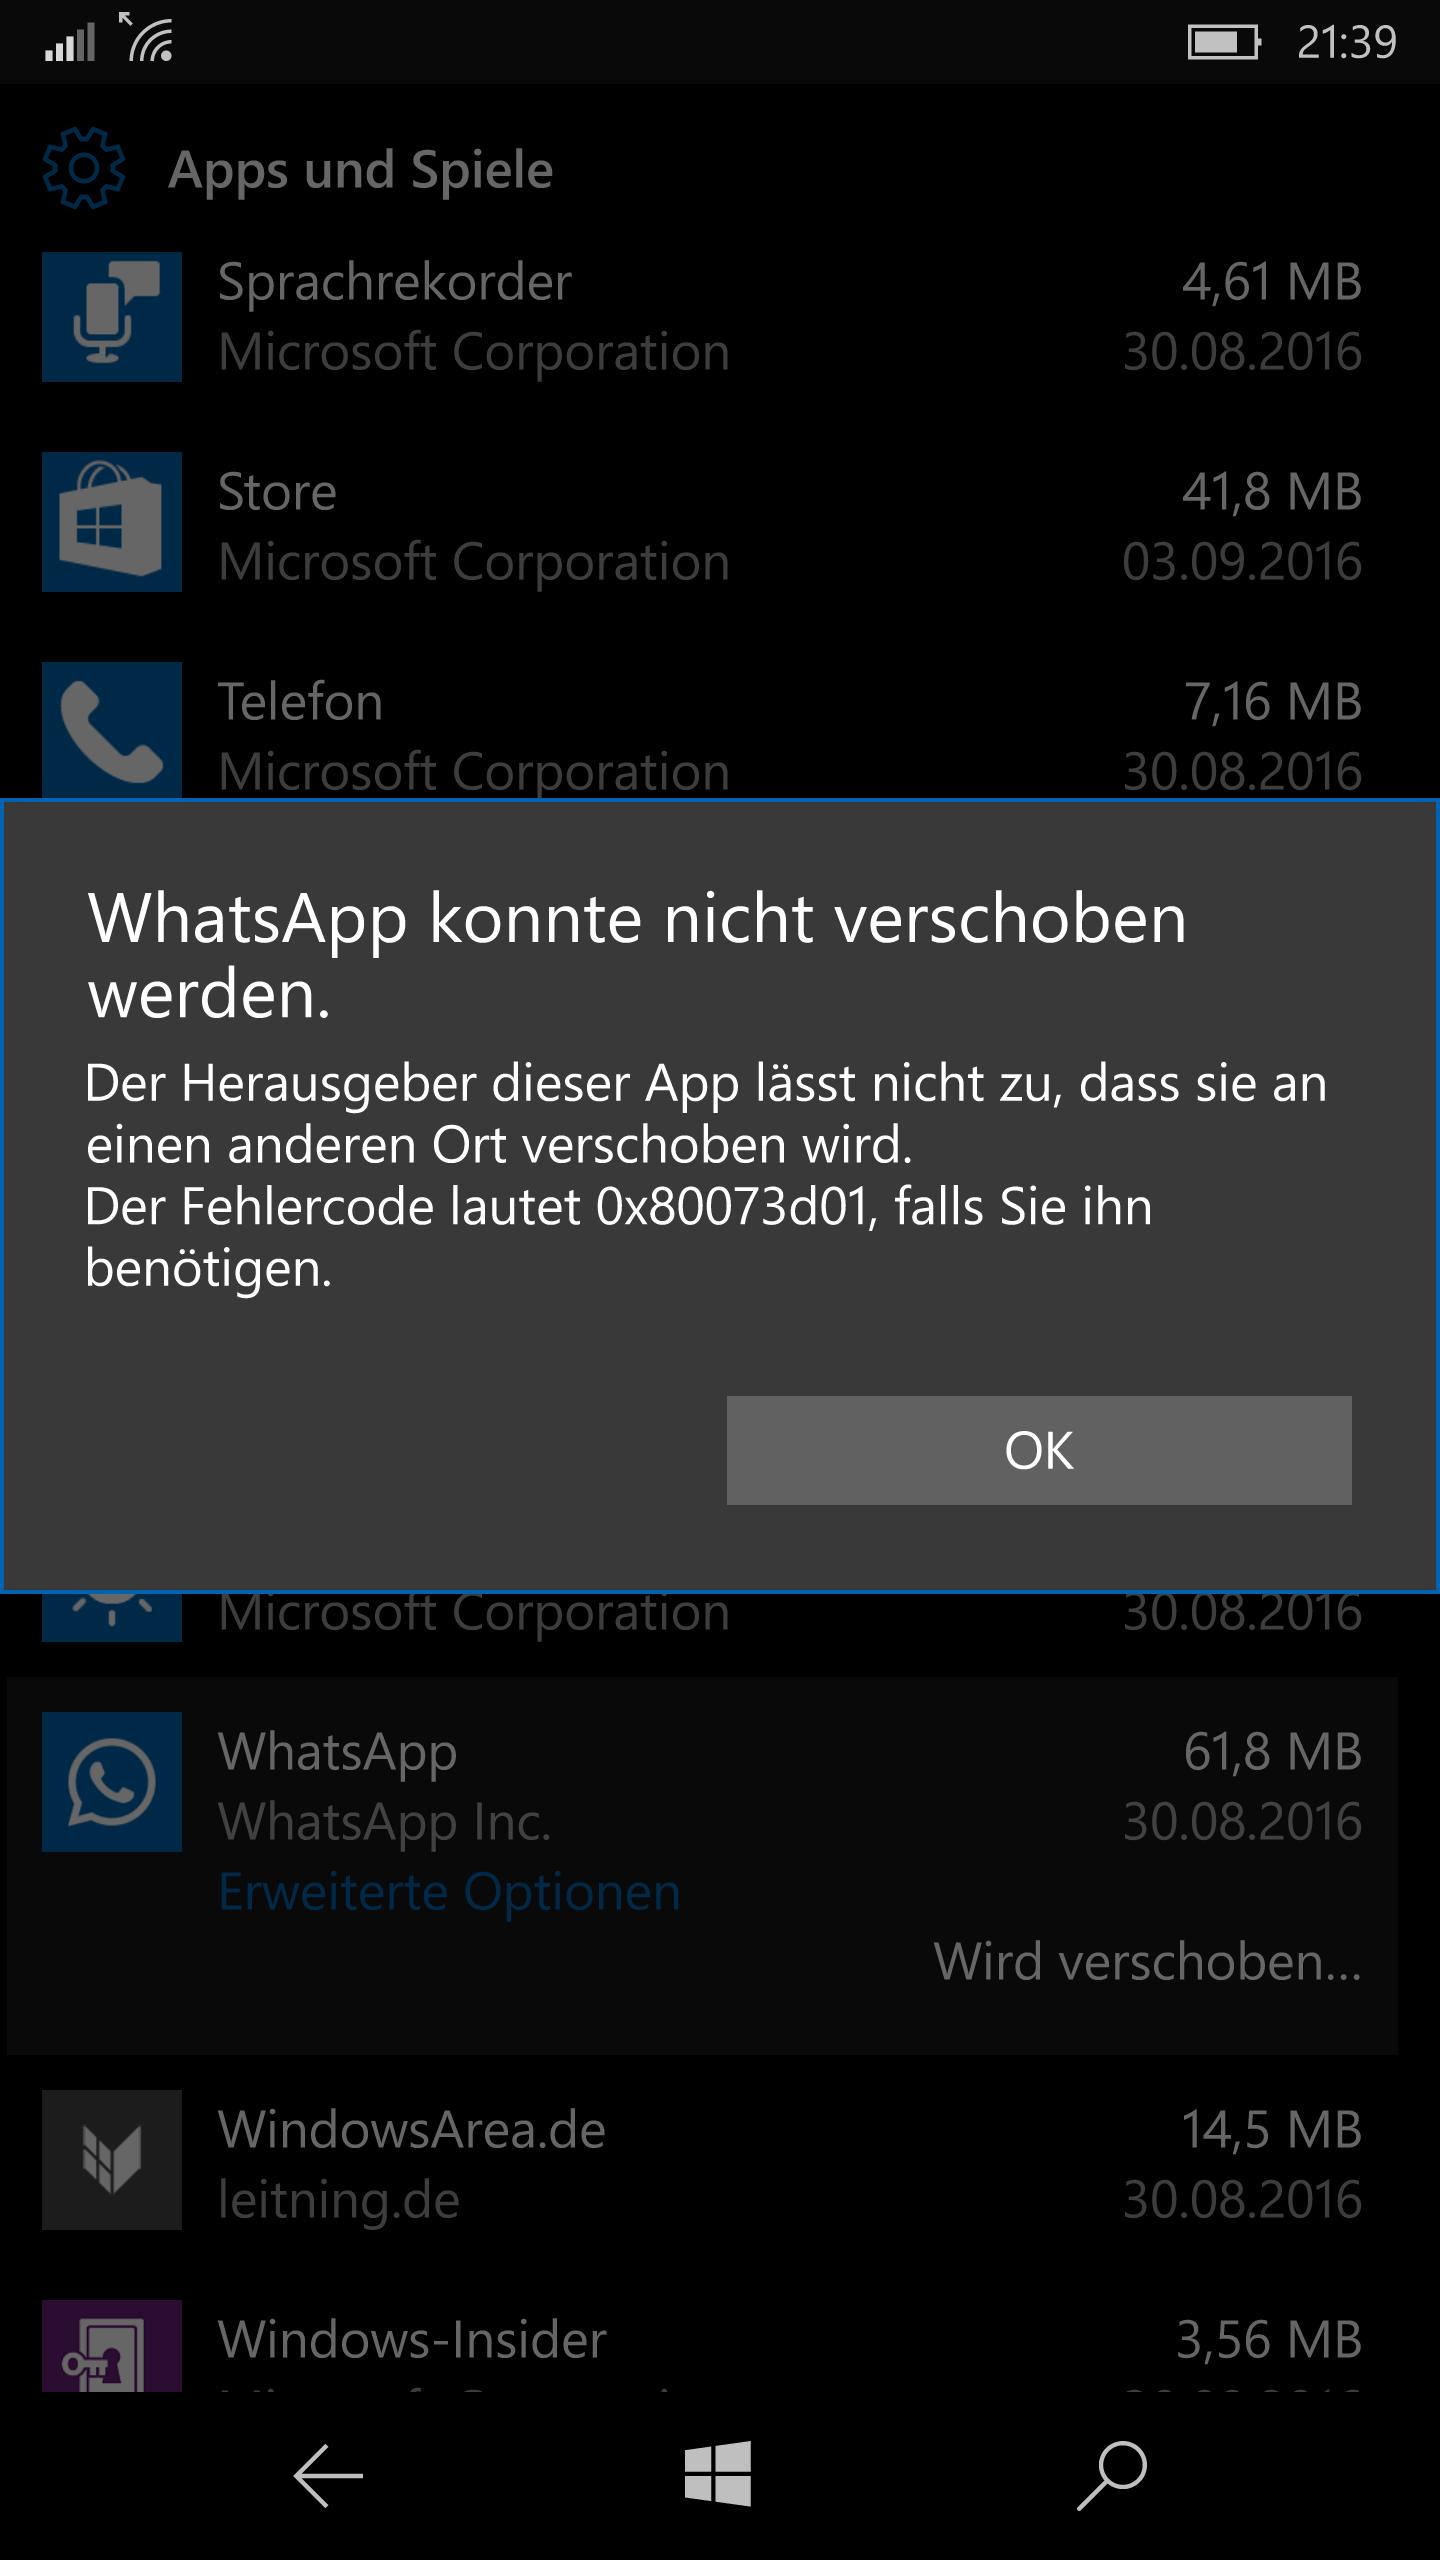 Whatsapp Fotos Auf Sd Karte Speichern.Whatsapp Backup Sd Karte Vorhanden Wie Funktioniert Es Genau